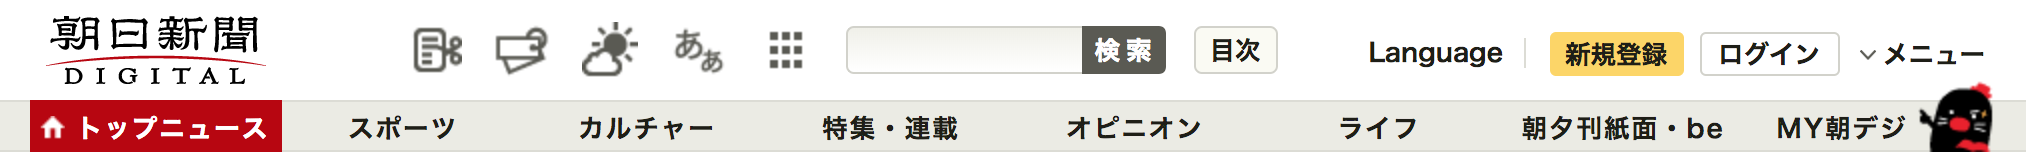 asahi.com 10/04/2019